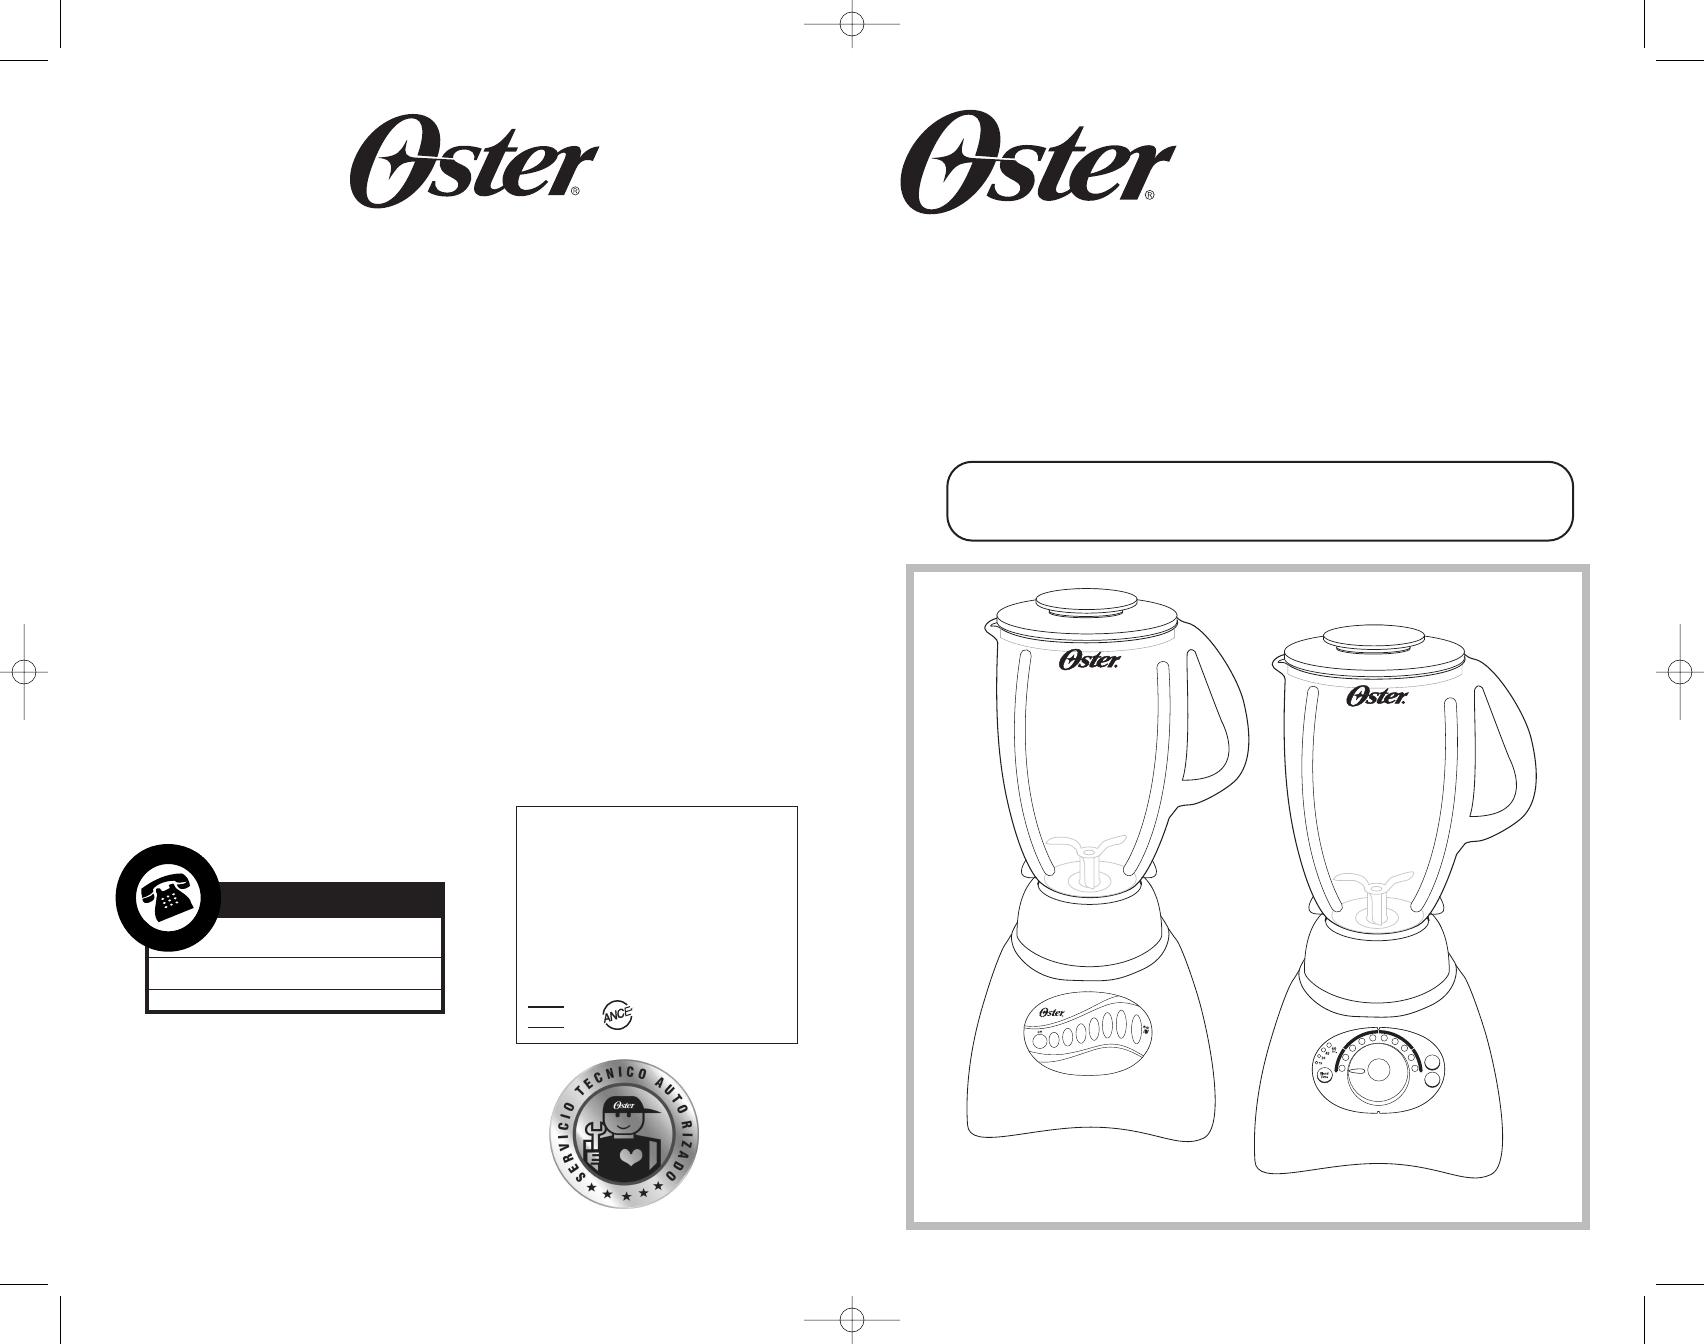 oster blender 6800-6839 user guide | manualsonline